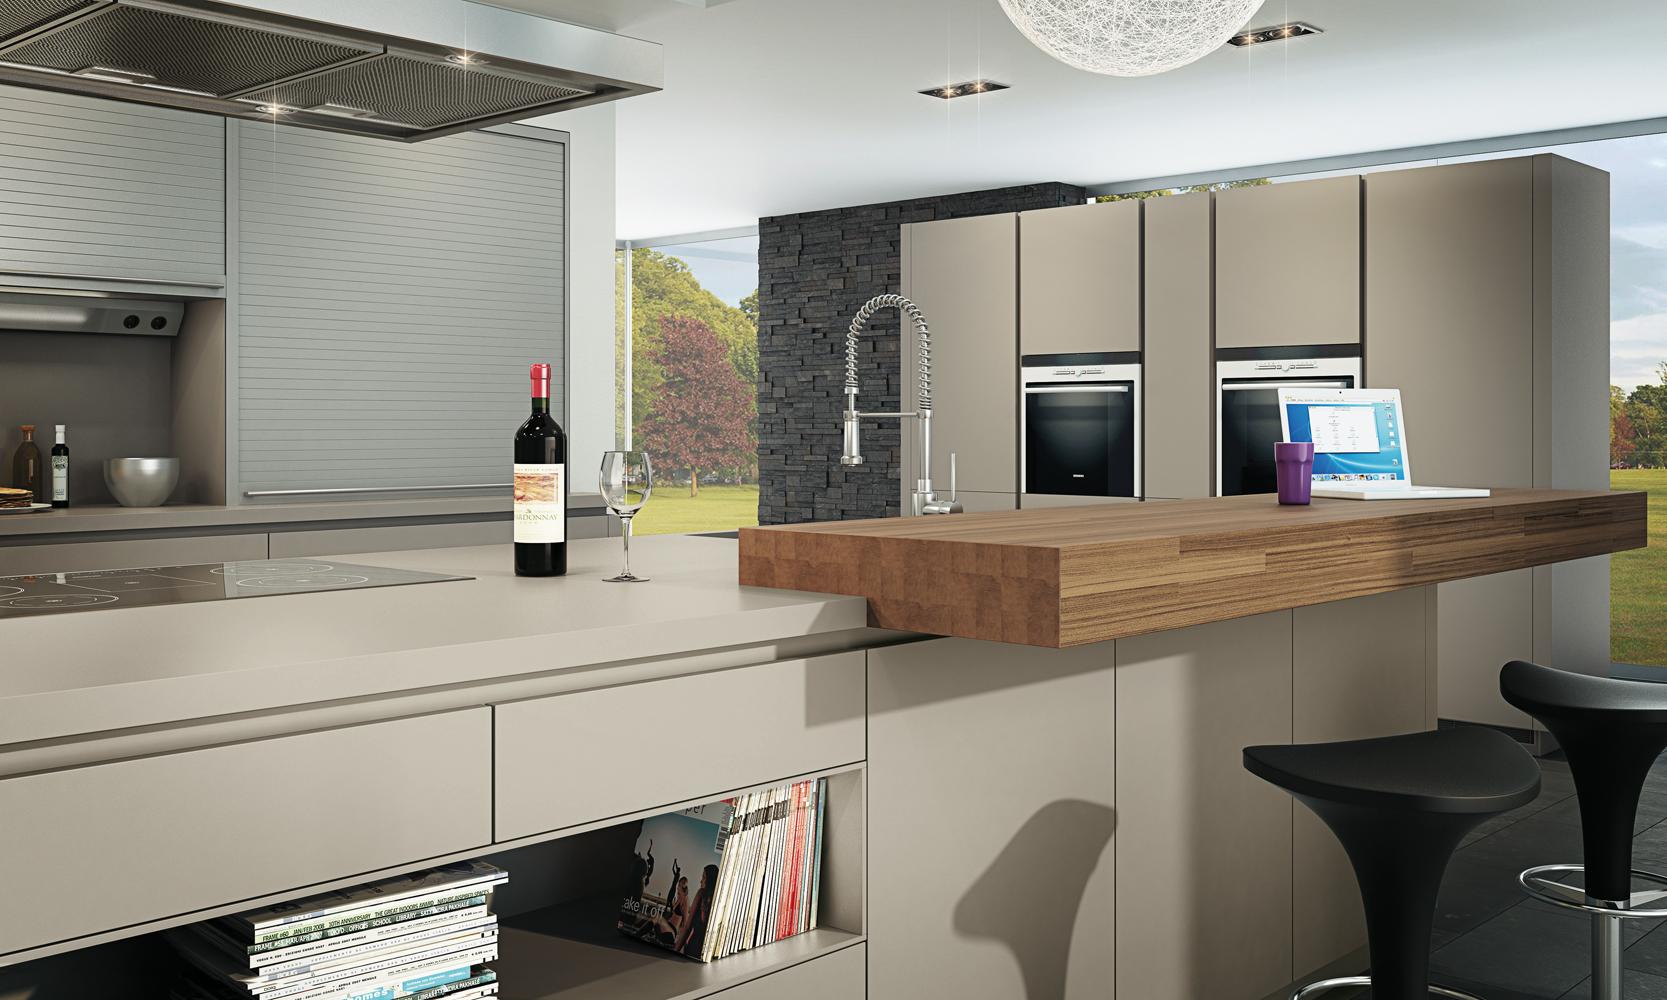 ewe. Black Bedroom Furniture Sets. Home Design Ideas